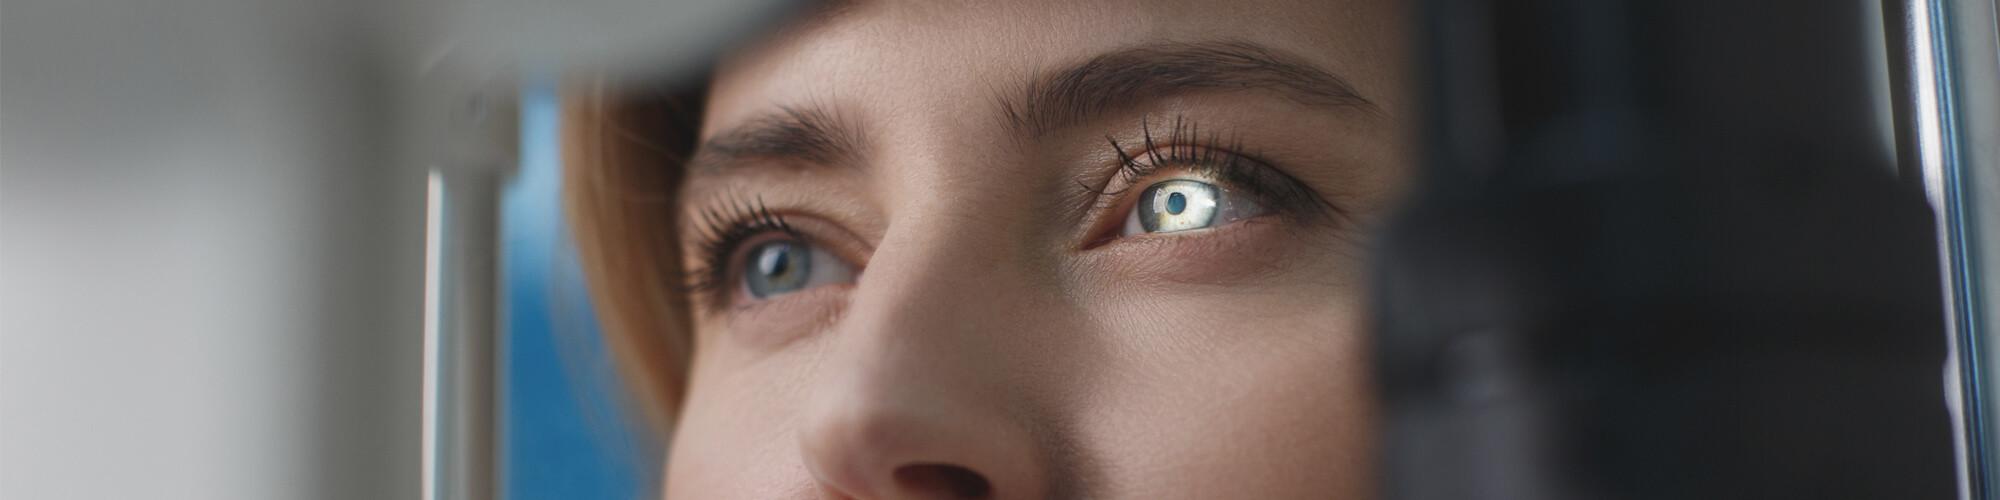 Westside Eye Clinic